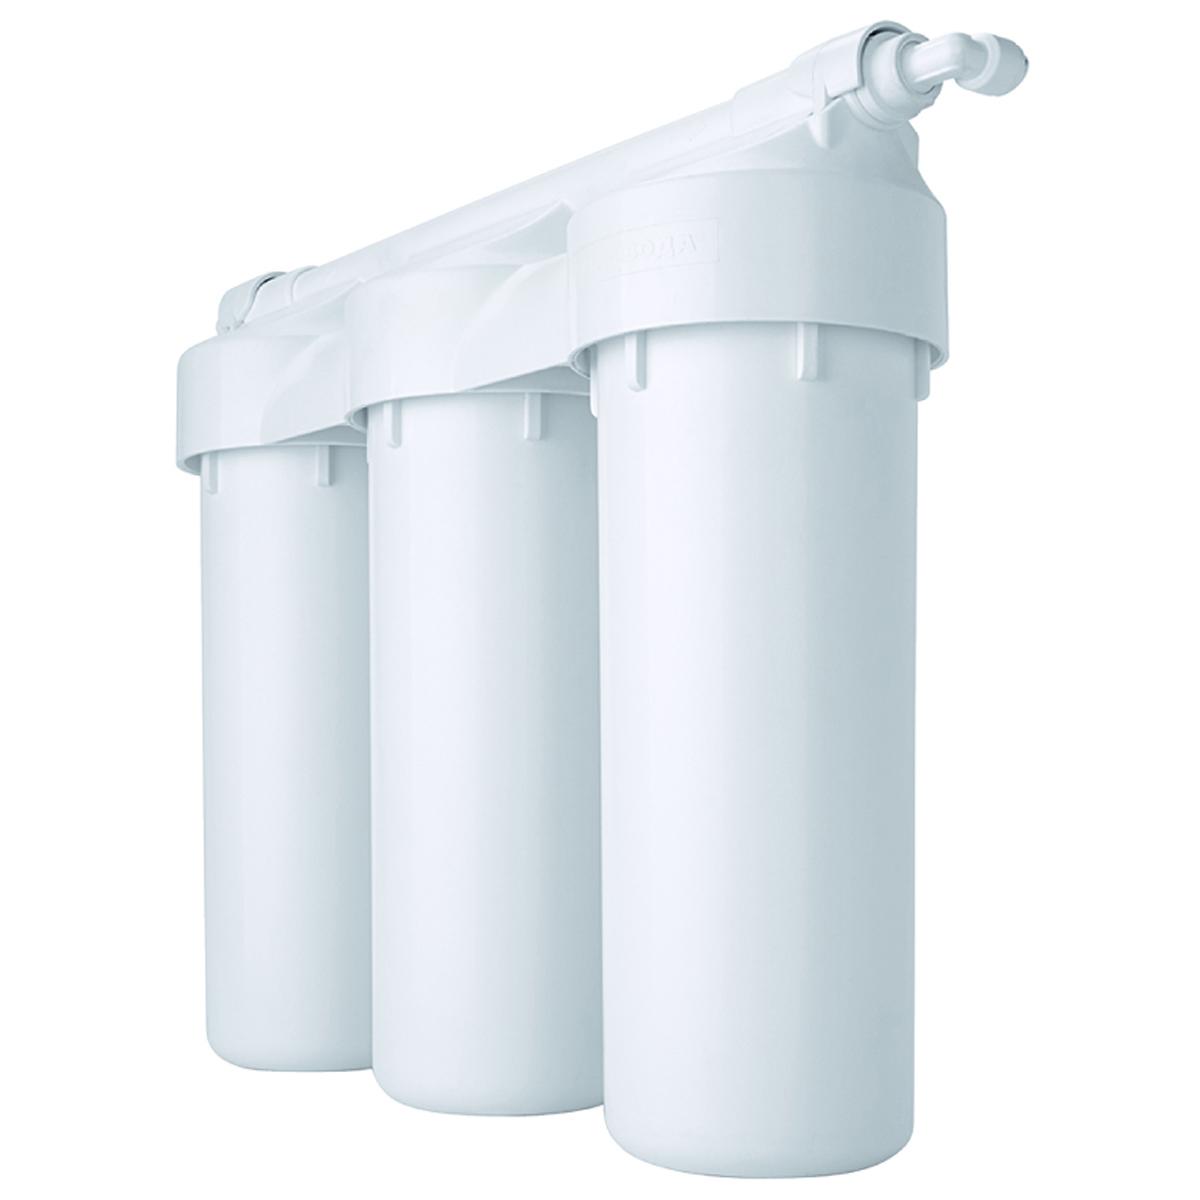 Водоочиститель Prio Praktic. EU305, с защитой от перепадов давления68/5/4В новой линейке Praktic соединены проверенные временем традиционные решения на базе стандартных 10-дюймовых картриджей с современными техническими решениями 21 века и немецкими технологиями от компании Prio®.Фильтры серии Praktic превосходно очищают водопроводную воду от всех самых опасных загрязнений, в том числе хлора и хлорной органики, механических примесей, канцерогенов, тяжелых металлов и т.д., улучшают вкус воды, устраняют посторонние запахи. В результате воду можно пить без кипячения, готовить на её основе еду и напитки даже для грудных детей.Ключевые особенности фильтров серии Praktic, выгодно отличающие их от большинства систем других производителей:- благодаря армированному корпусу и увеличенному количеству витков резьбы в местах соединения - выдерживают максимальное ударное давление до 28 атм, 100 тыс гидроударов (по методике тестирования целостности согласно NSF 58)- цельнолитая «голова» исключает вероятные протечки в местах соединения- гасители гидроудара на входе и выходе повышают надежность в процессе эксплуатации- улучшенная засыпка картриджей от ведущих поставщиков США, Индонезии и Германии гарантирует прекрасное качество очистки на протяжении всего срока службы- гарантия 2 года- все заявленные показатели подтверждены независимым тестированием НИИ СантехникиТолько фильтры Praktic от компании Prio имеют уникальную возможность - расширяемость постфильтрами из старшей линейки Expert® (добавление 4-й, 5-й и т.д. ступеней очистки, в том числеультрафильтрации,шунгитаи др.), а также апгрейд до системы обратного осмоса с сохранением ранее вложенных инвестиций.Не зря данная серия фильтров -самое популярное решение для очистки водопроводной воды в квартире. Стандартизированные картриджи, простая схема подключения, широкий выбор моделей, недорогое и простое обслуживание делают данные фильтры прекрасным выбором.Производство в России на современном оборудовании под контролем немецких инжен